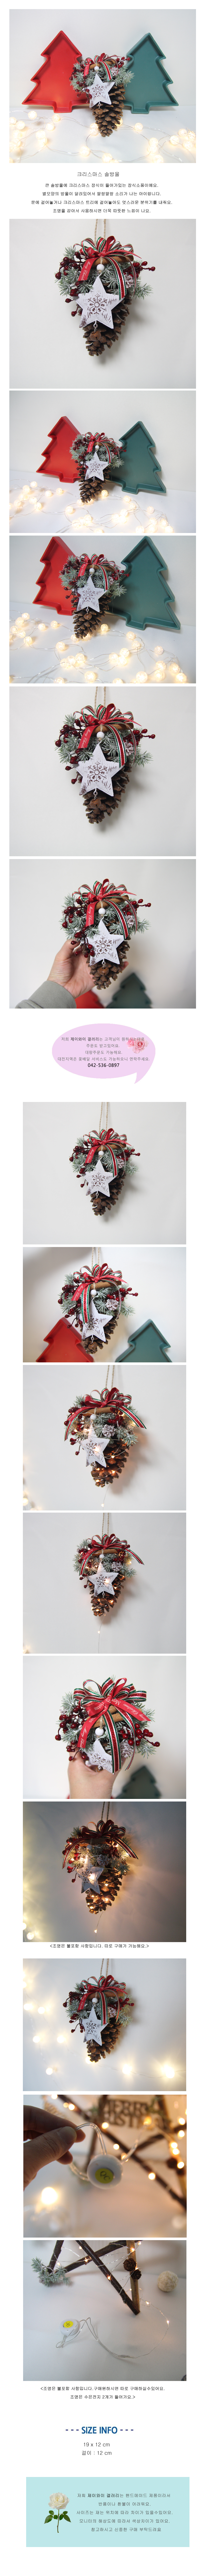 크리스마스 솔방울 - 제이와이갤러리, 17,900원, 장식품, 크리스마스소품